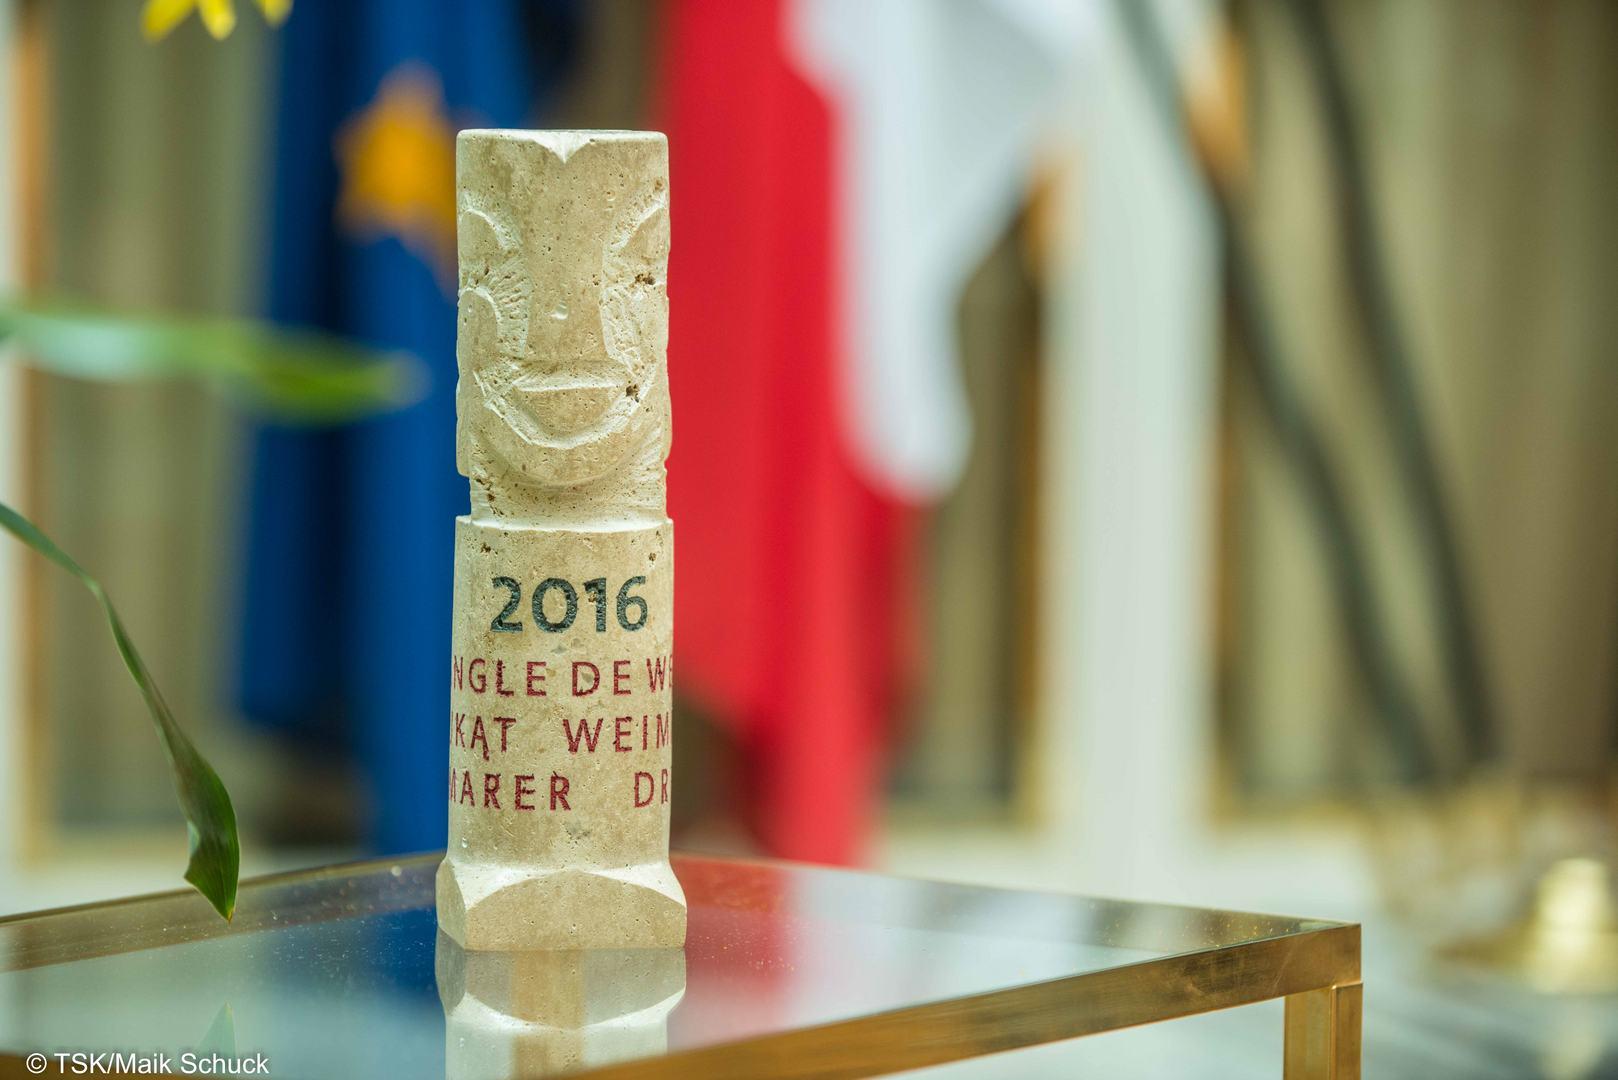 Weimarer-Dreieck-Preis für zivilgesellschaftliches Engagement in Weimar